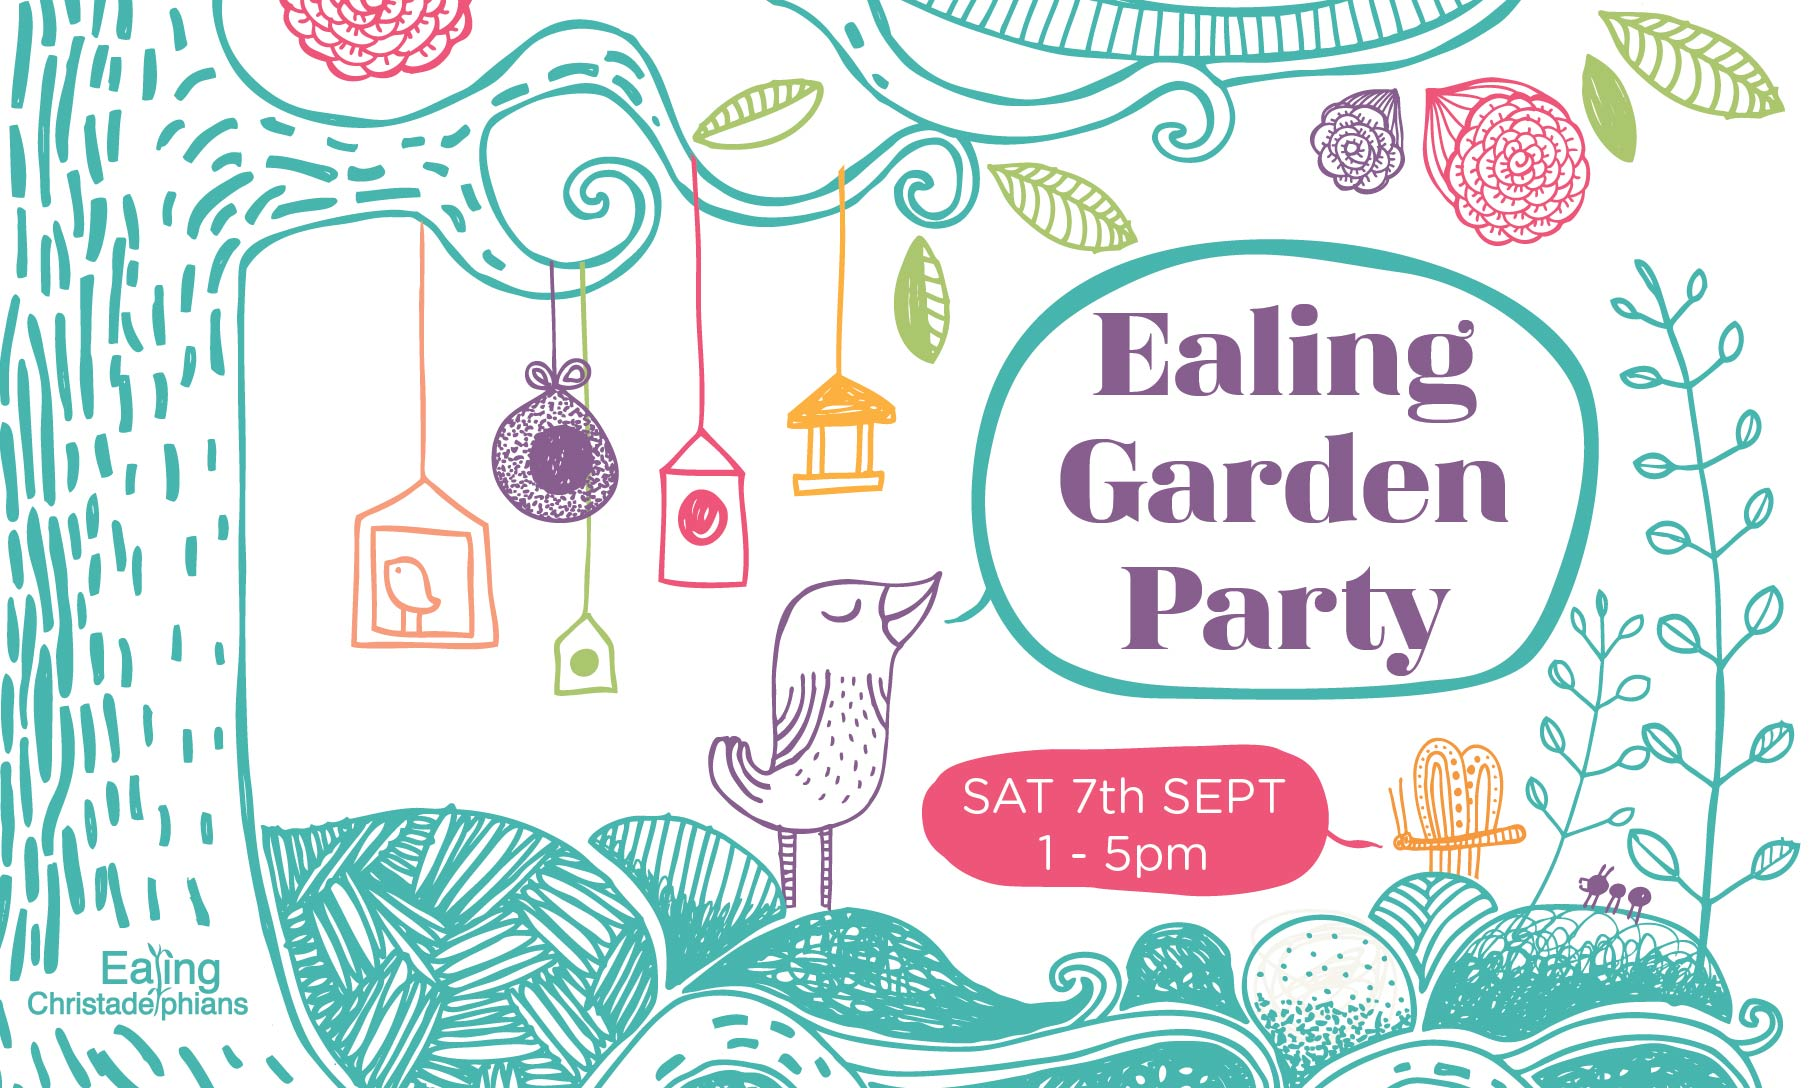 Ealing_Garden_Party_2019_FB_Ad-01.jpg